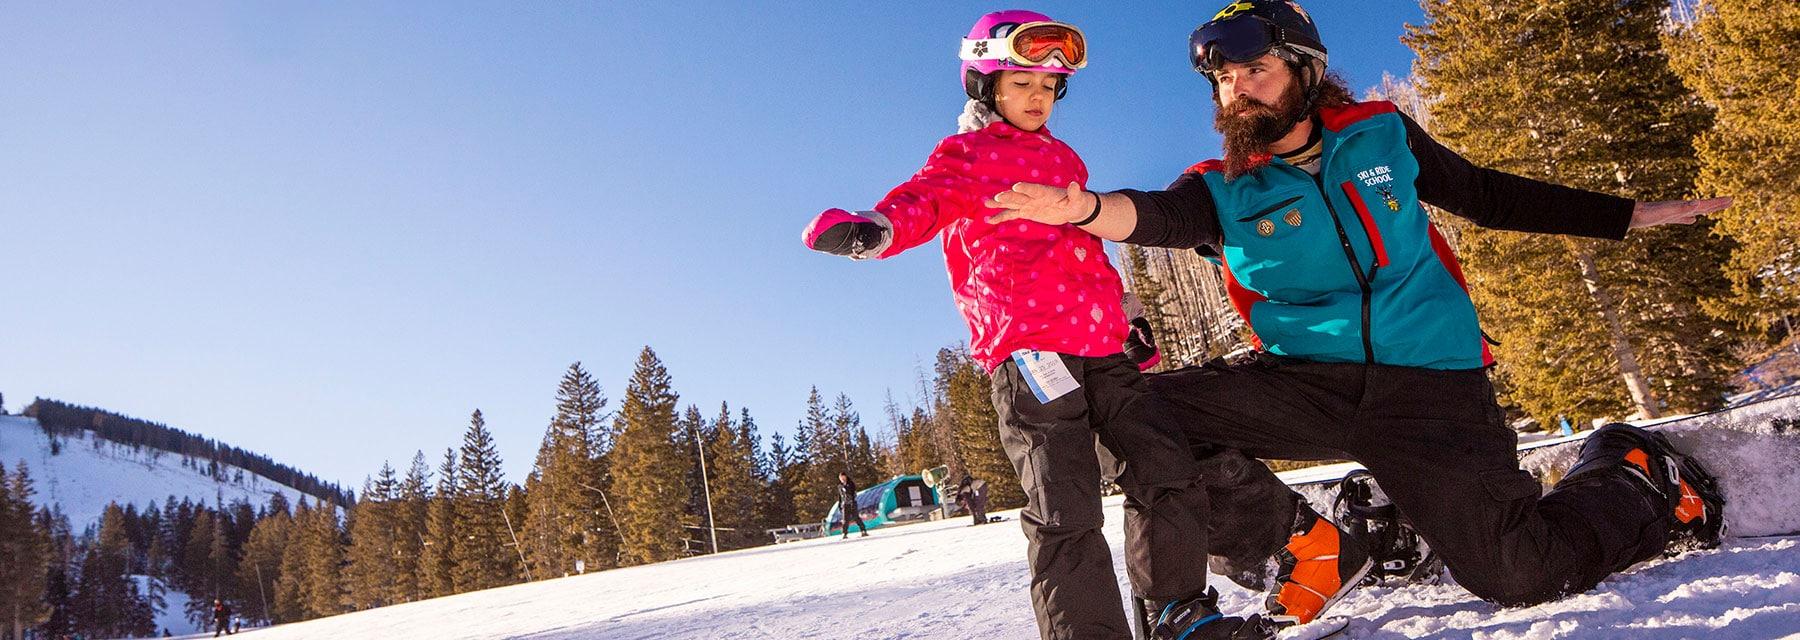 Careers at Ski Apache